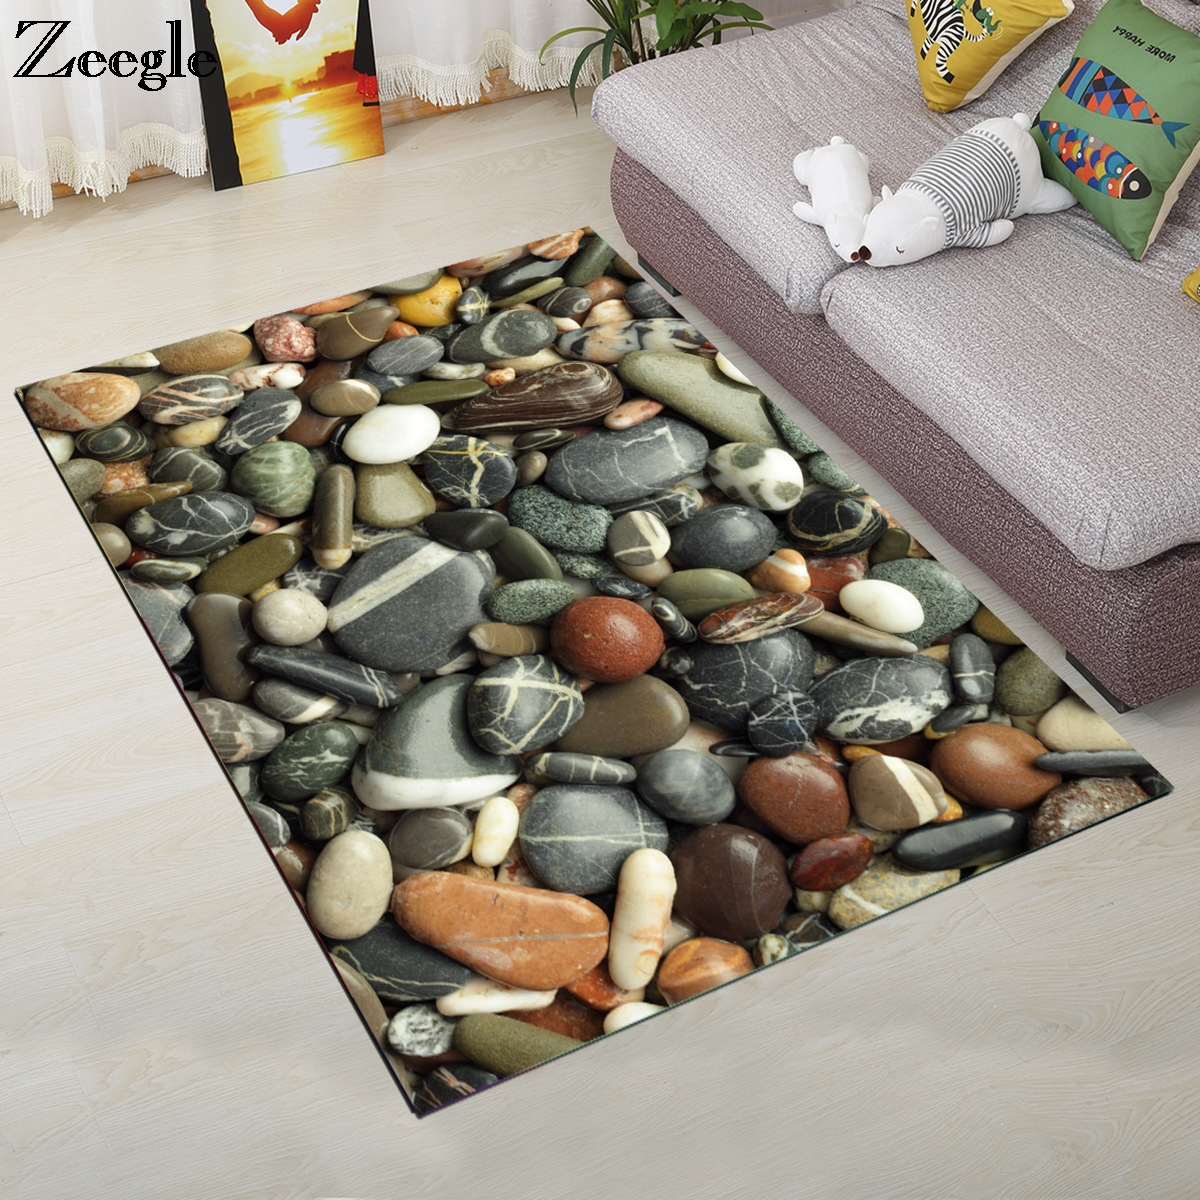 Zeegle 3D Carpet For Living Room Coffee Table Floor Rugs Non slip Children Bedroom Mats Bedside